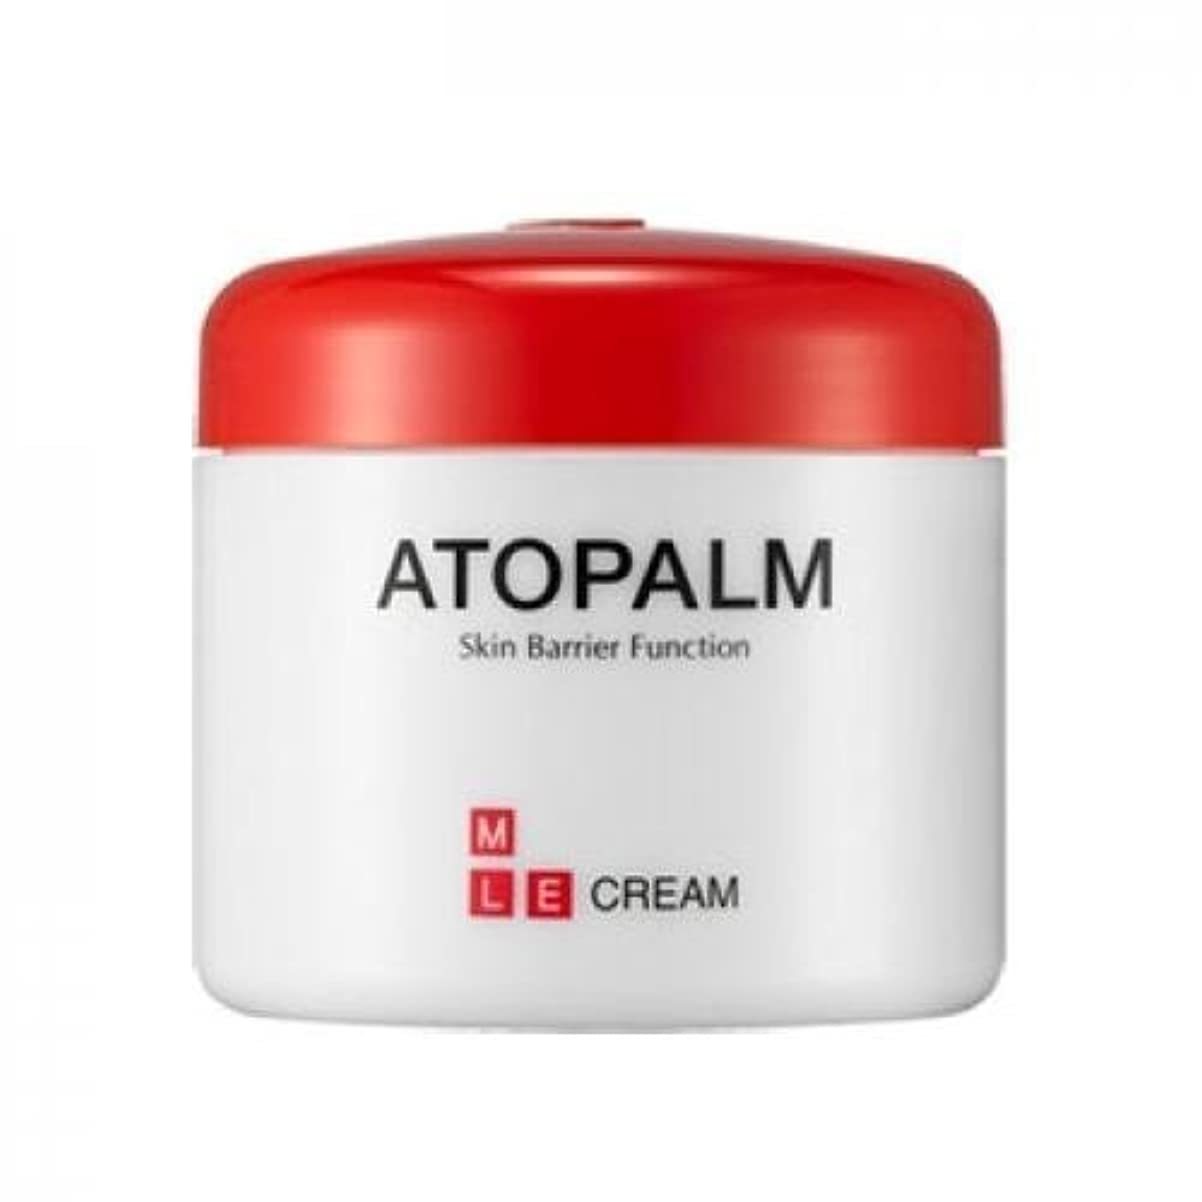 特派員技術的なガチョウATOPALM MLE Cream (160ml) (Korean original)